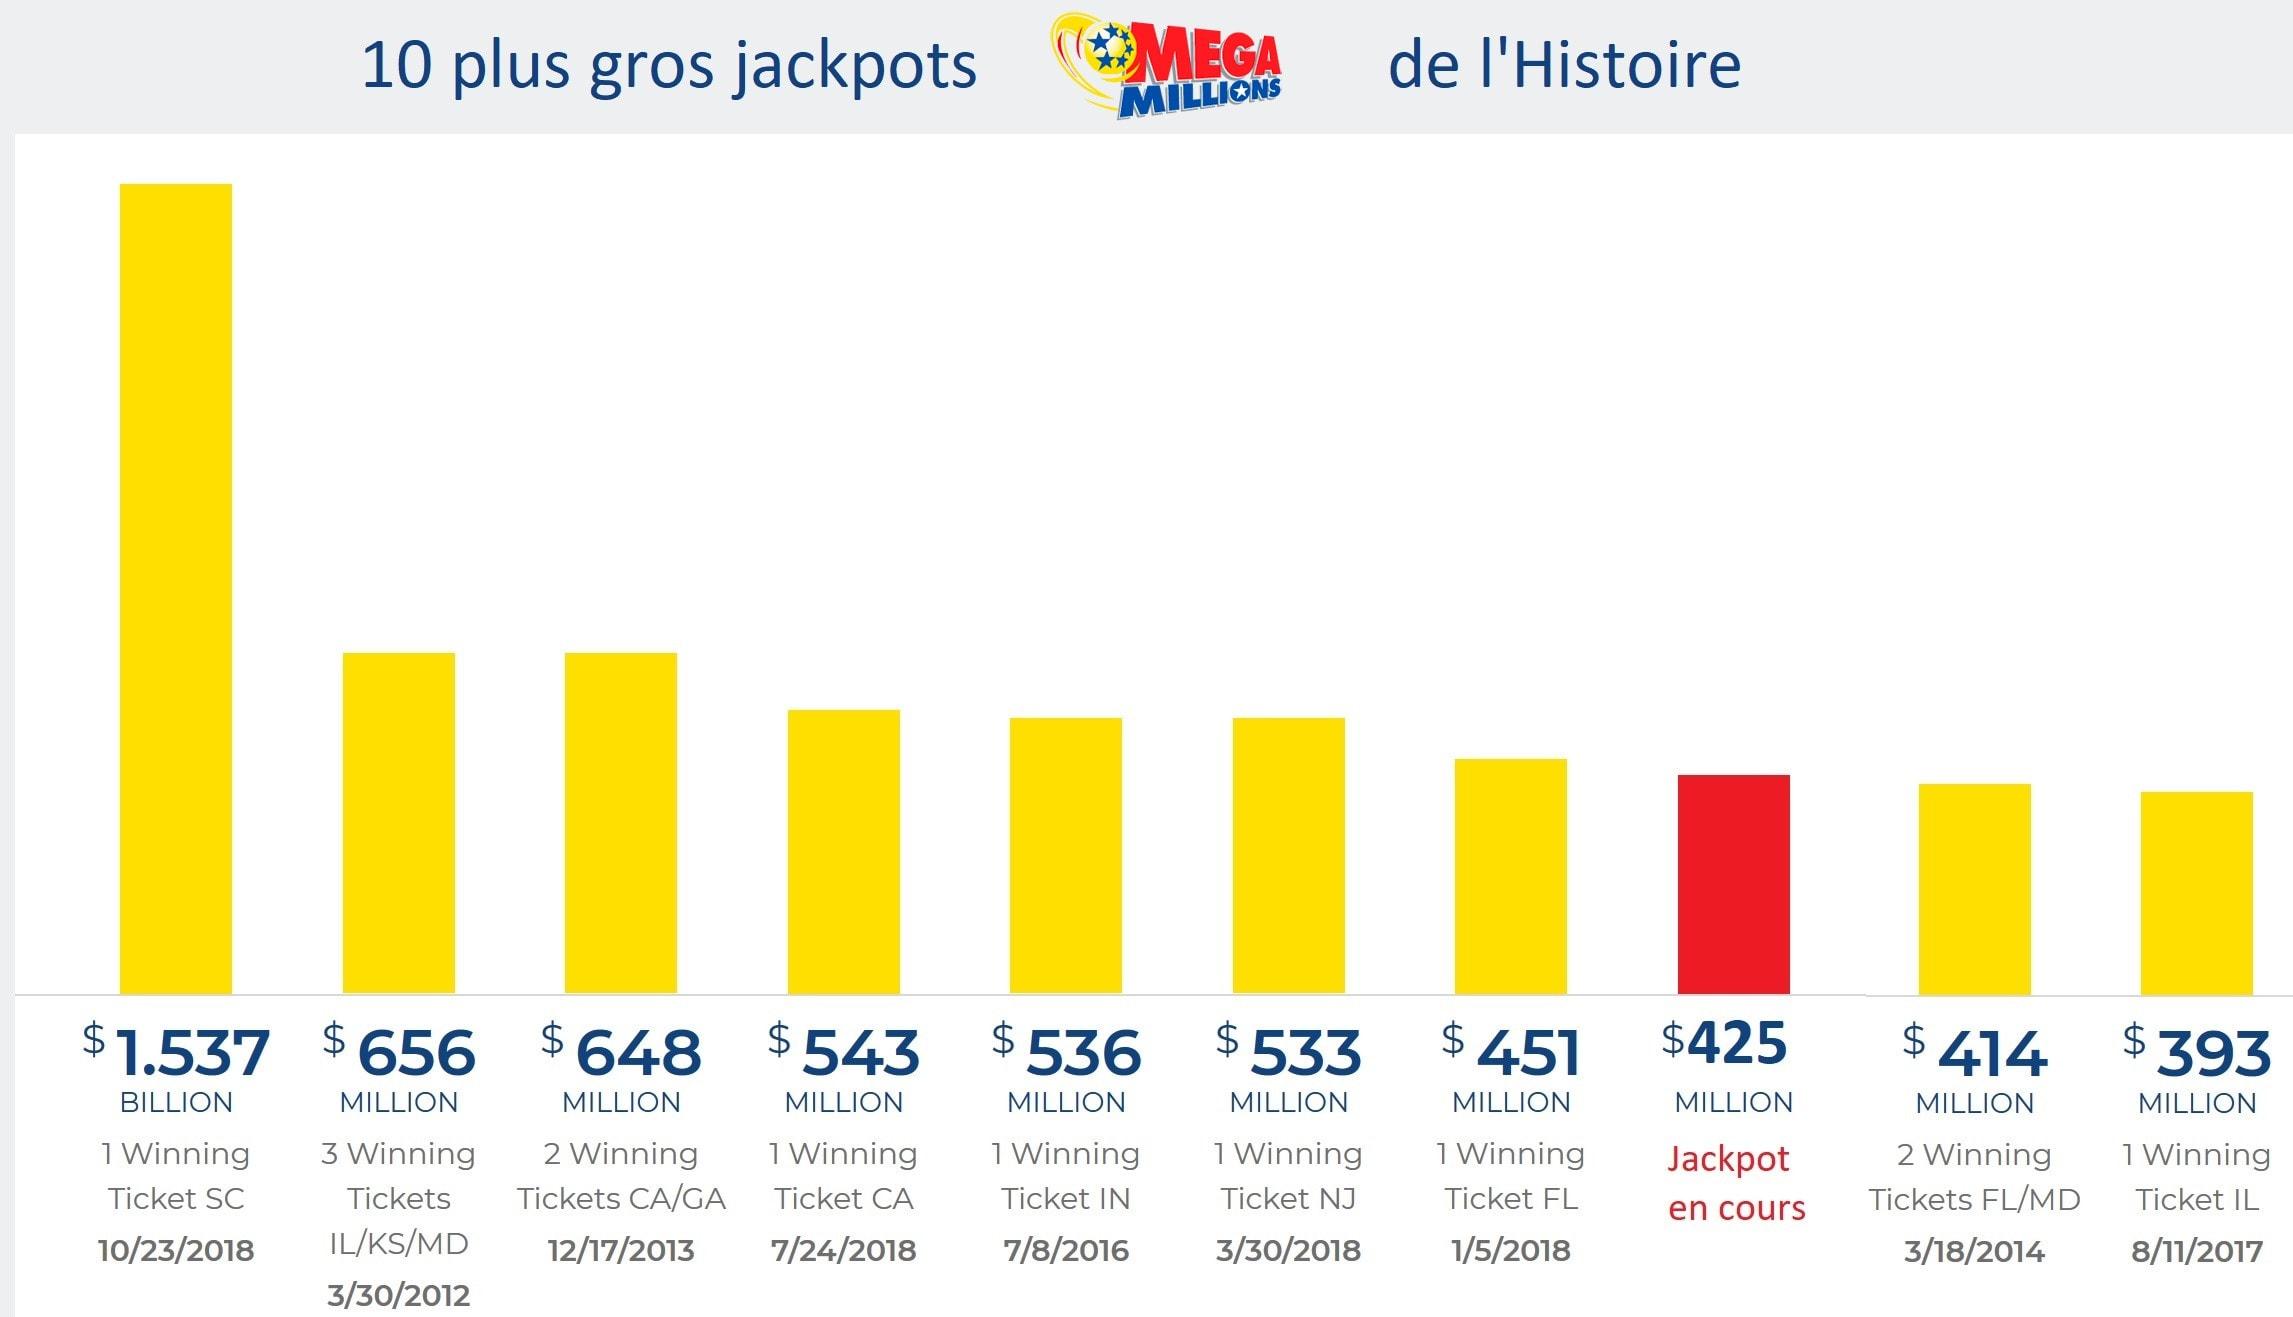 Top 10 des jackpots Mega Millions dans l'histoire